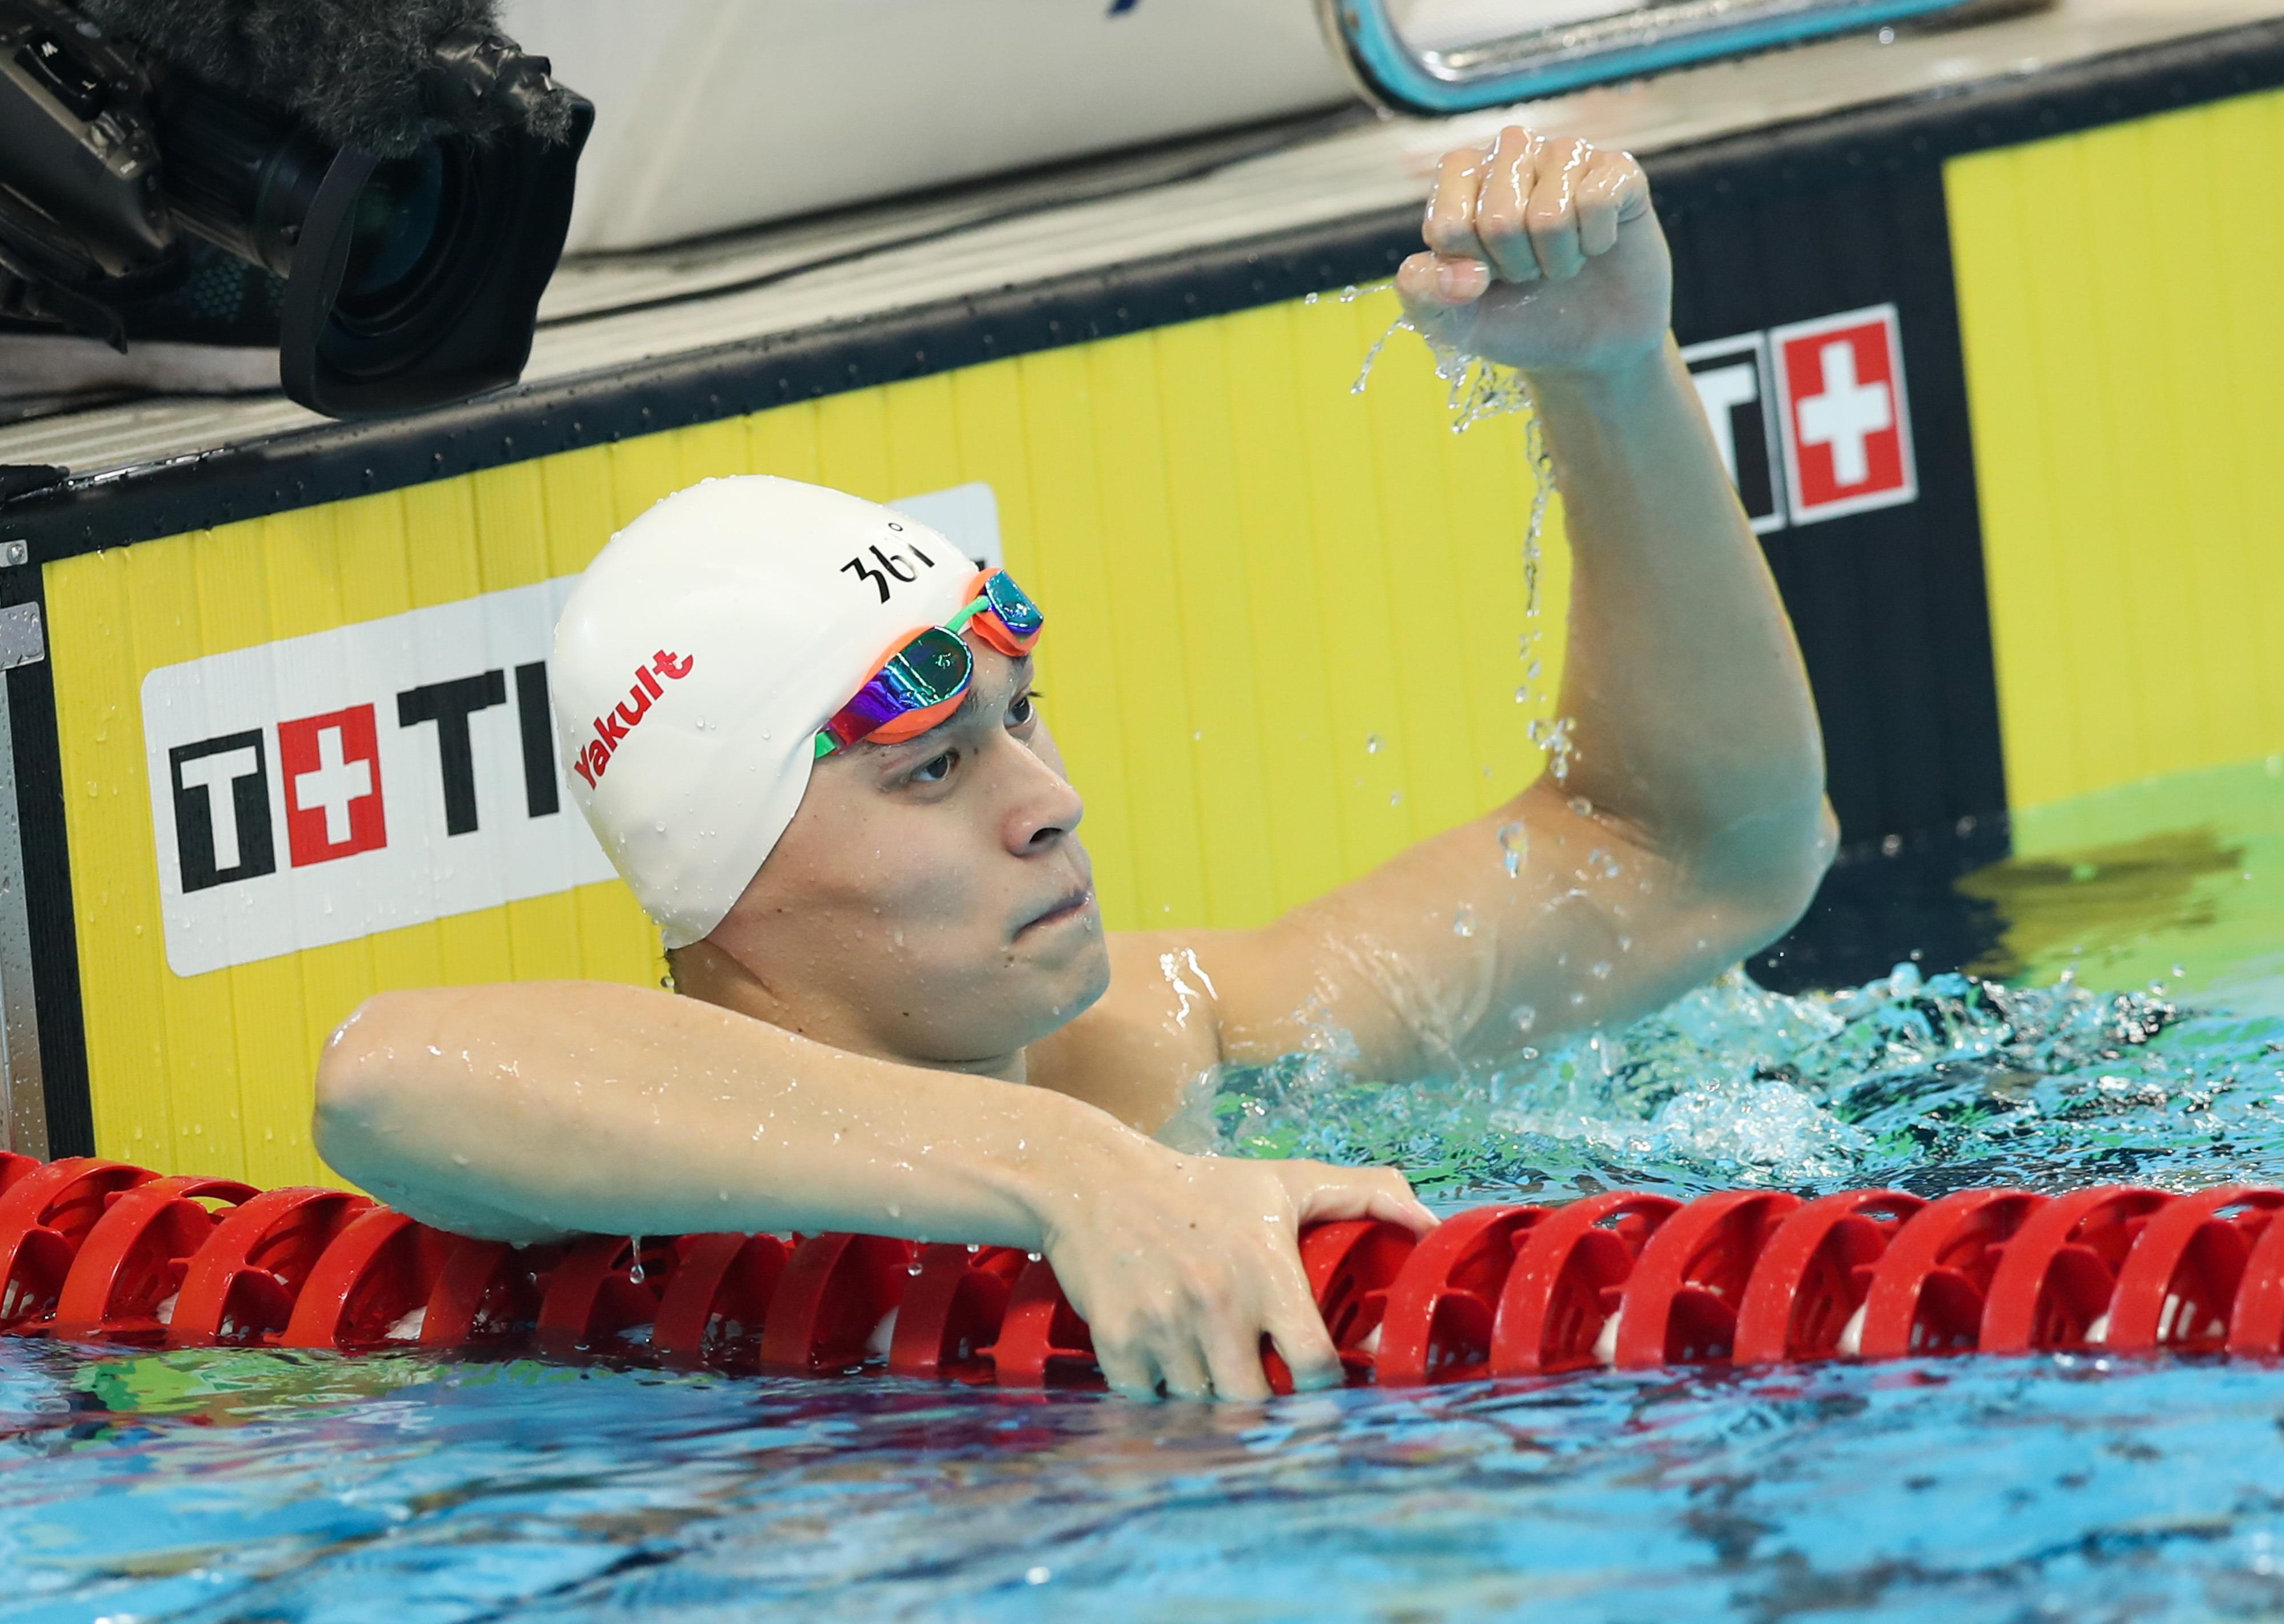 亚运会男子200米自由泳预赛 孙杨轻松头名晋级